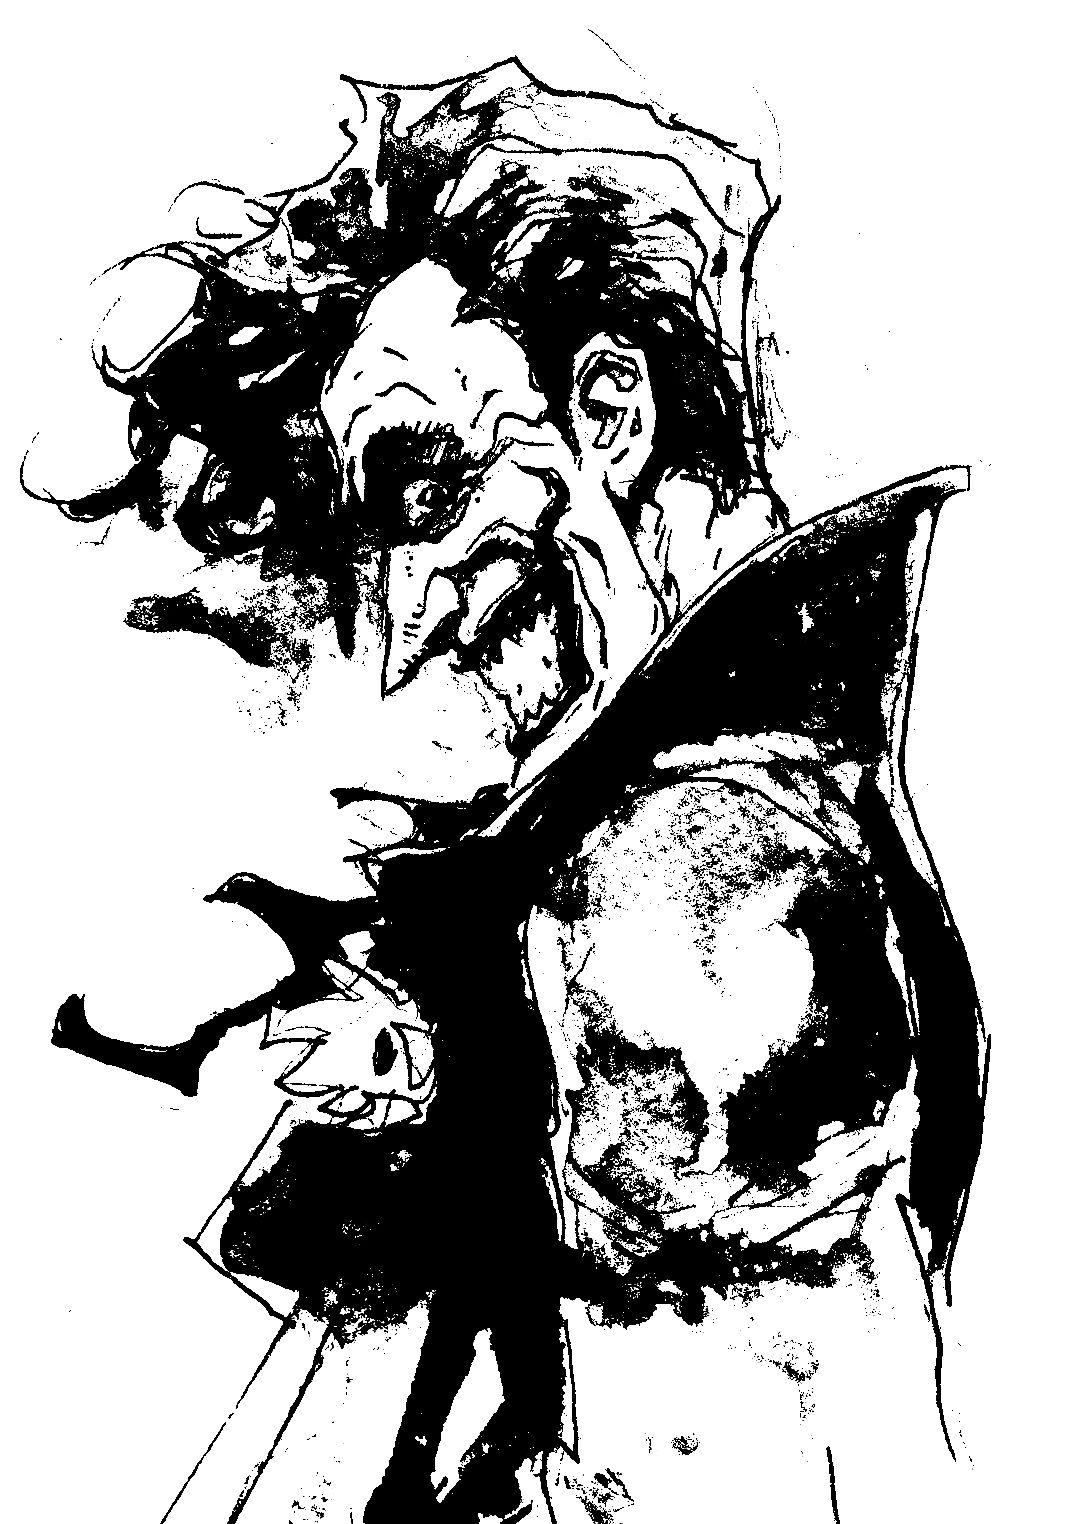 vikaq: Joker Black and White